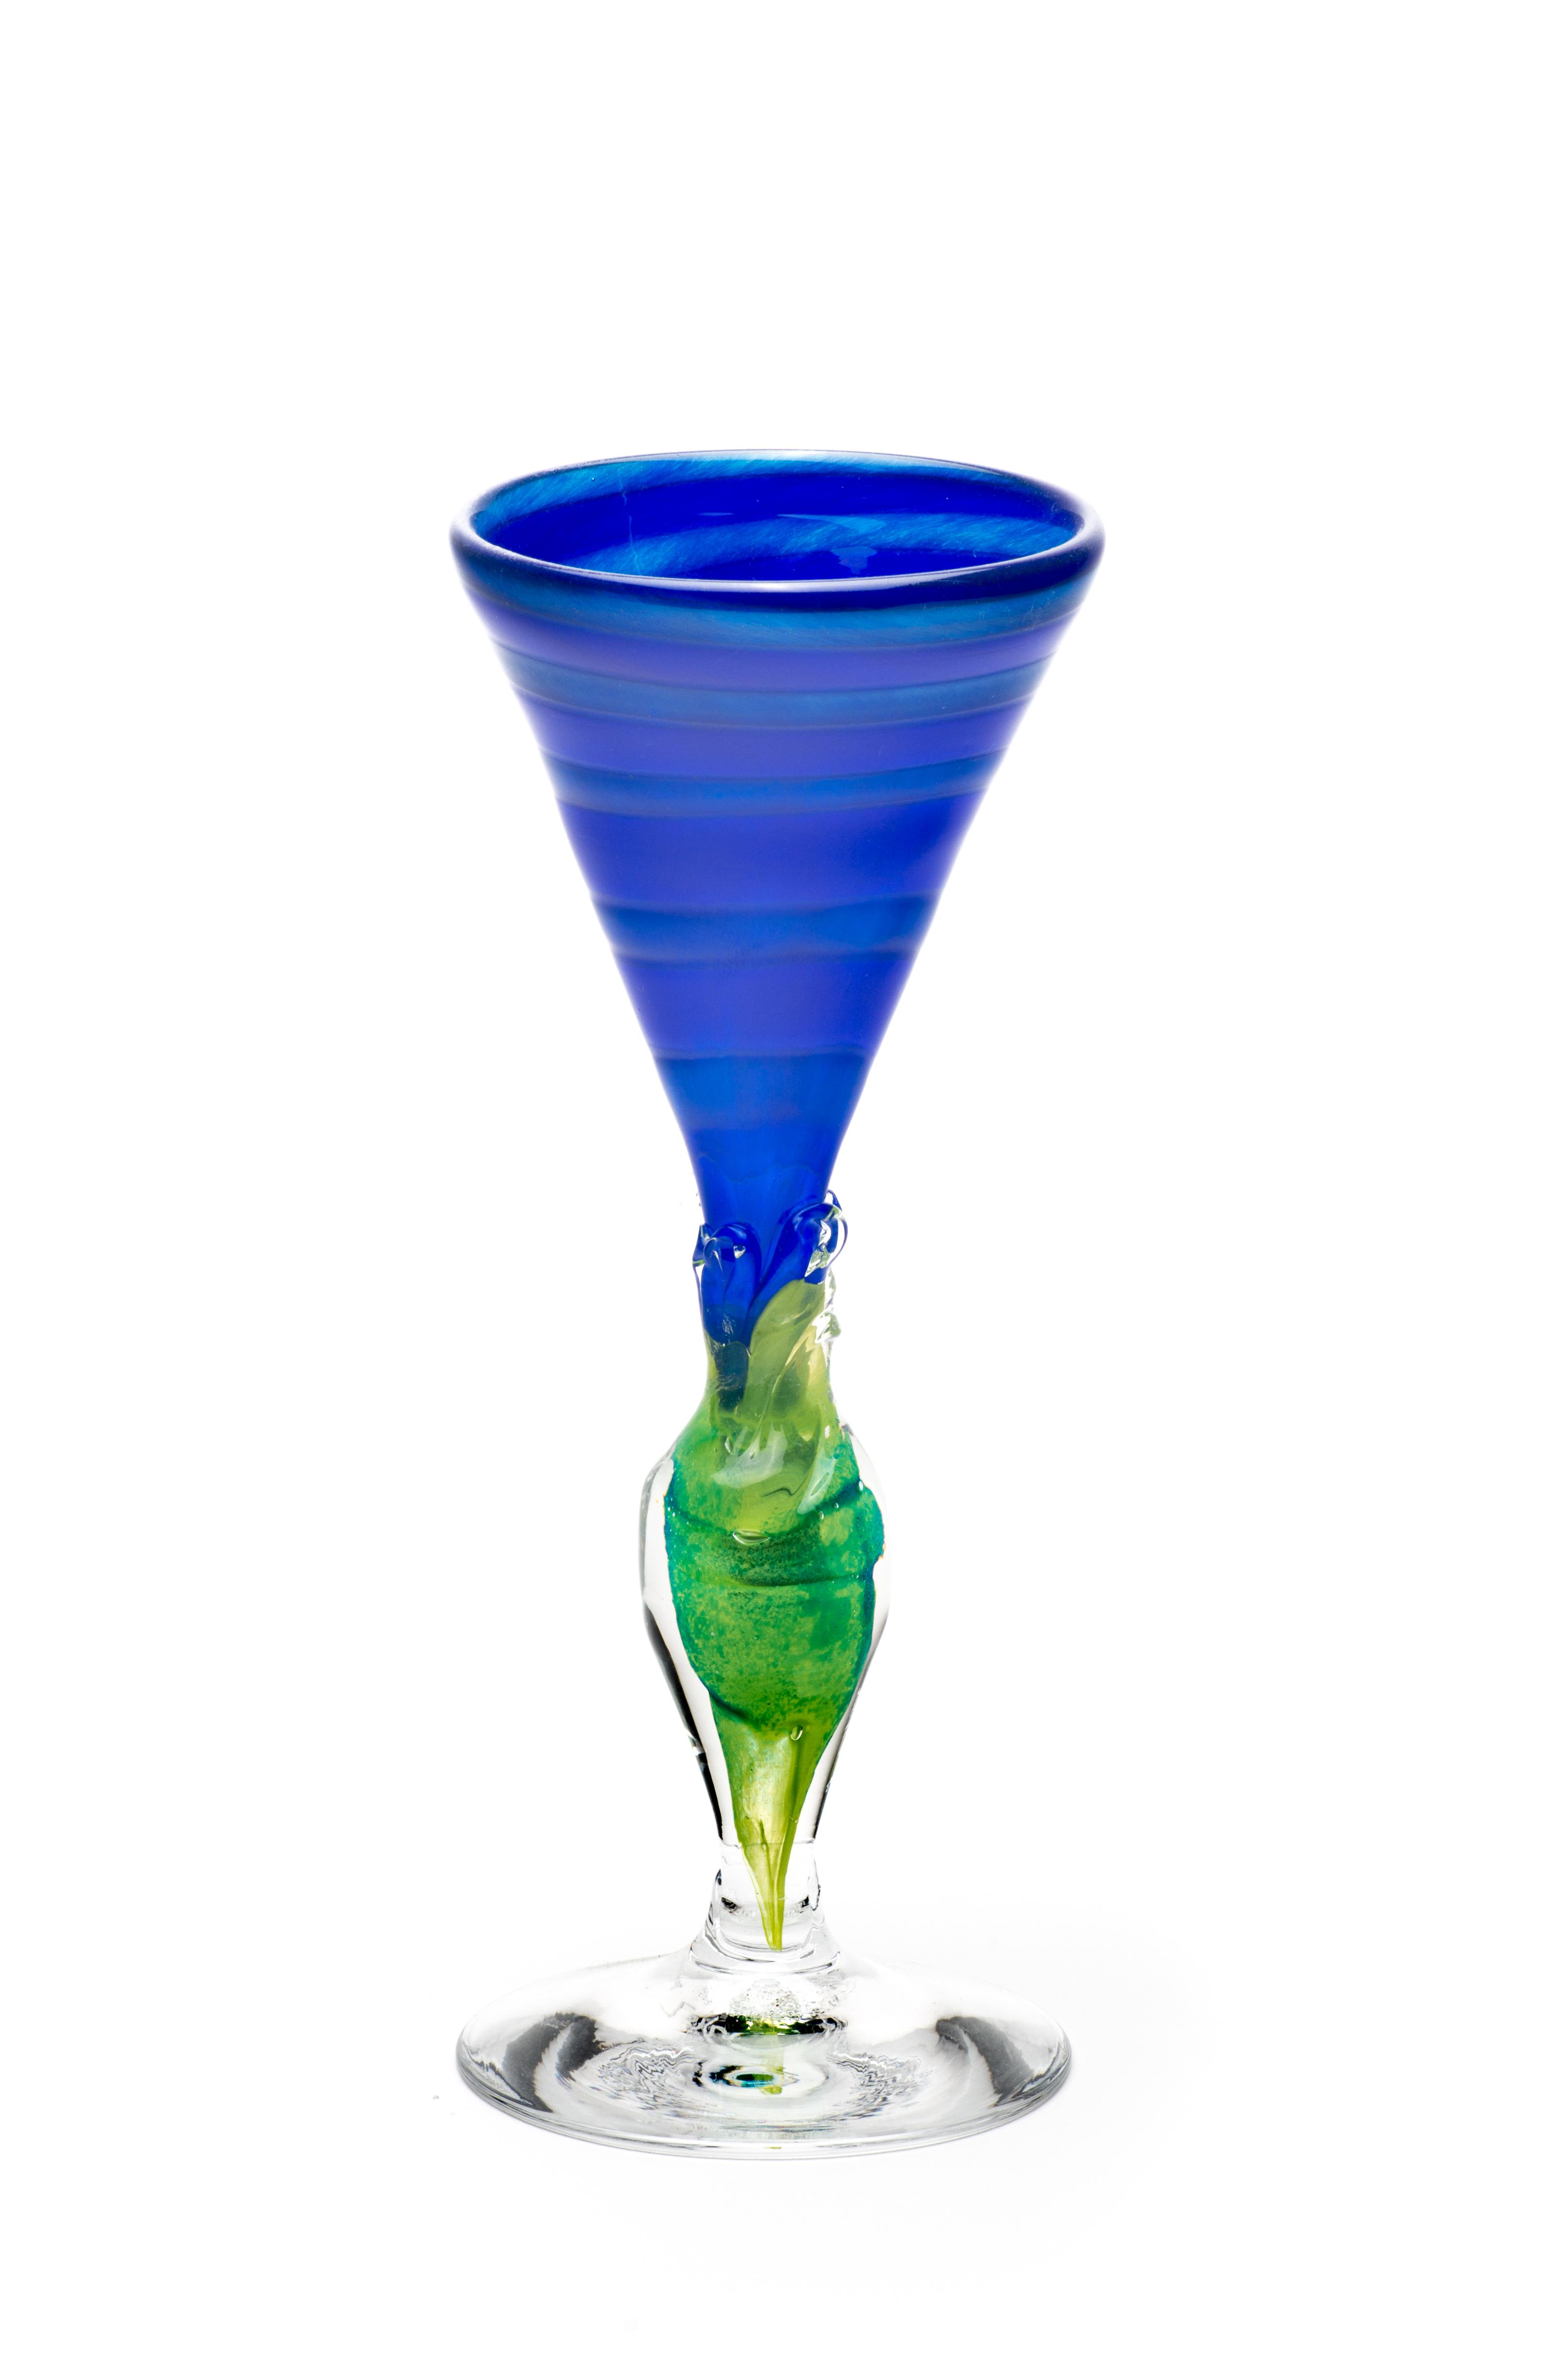 koboltblå med blå spiral og grønn stett